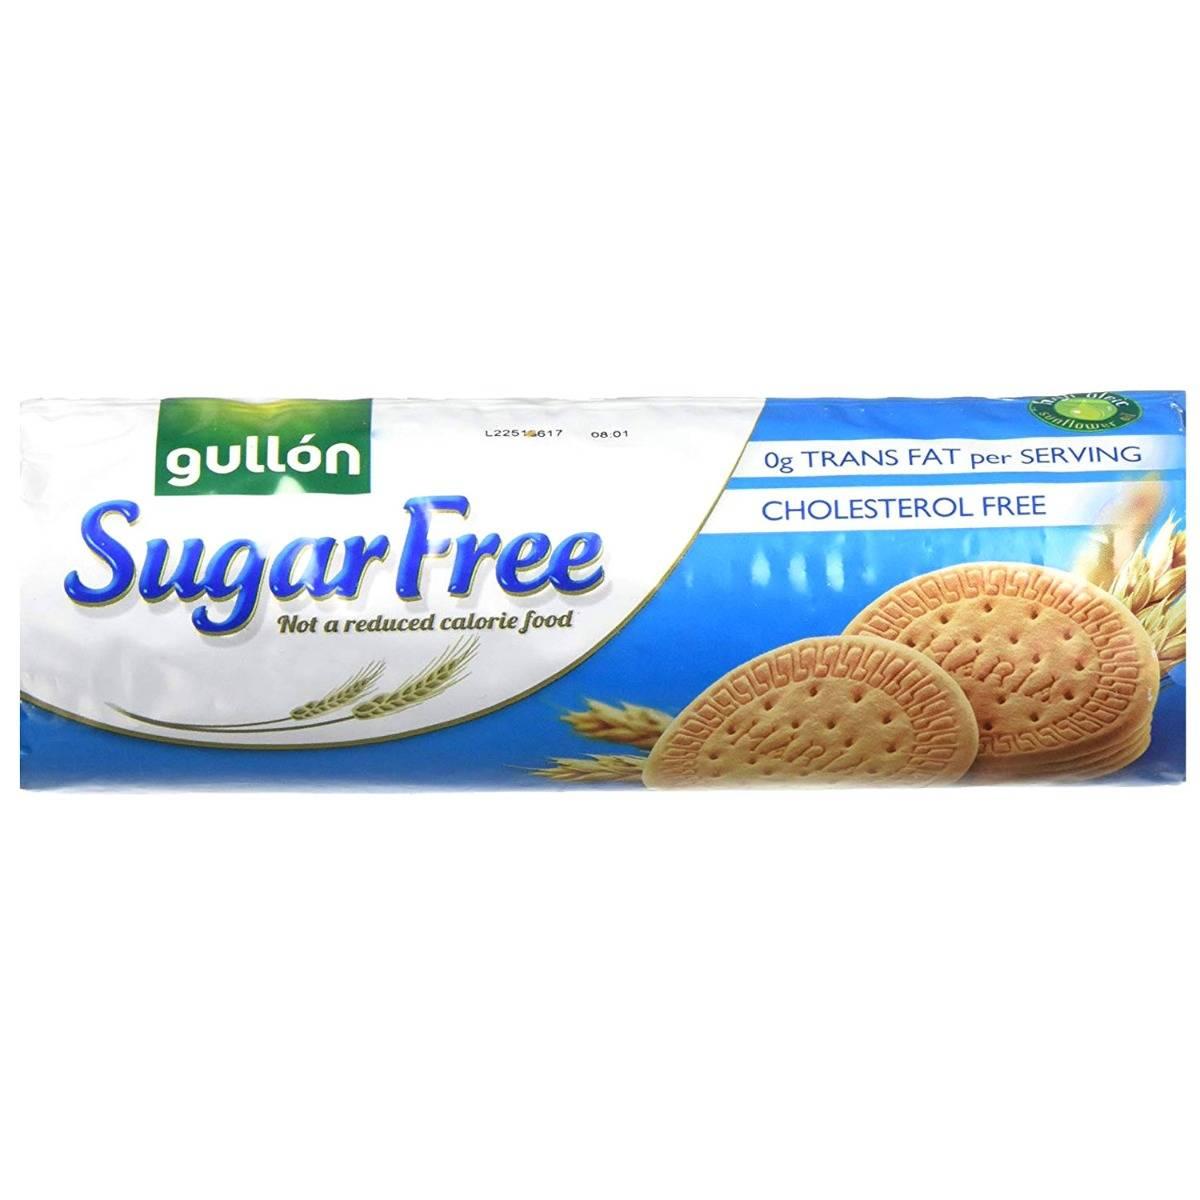 Gullon Sugar Free Biscuits, 200 gm